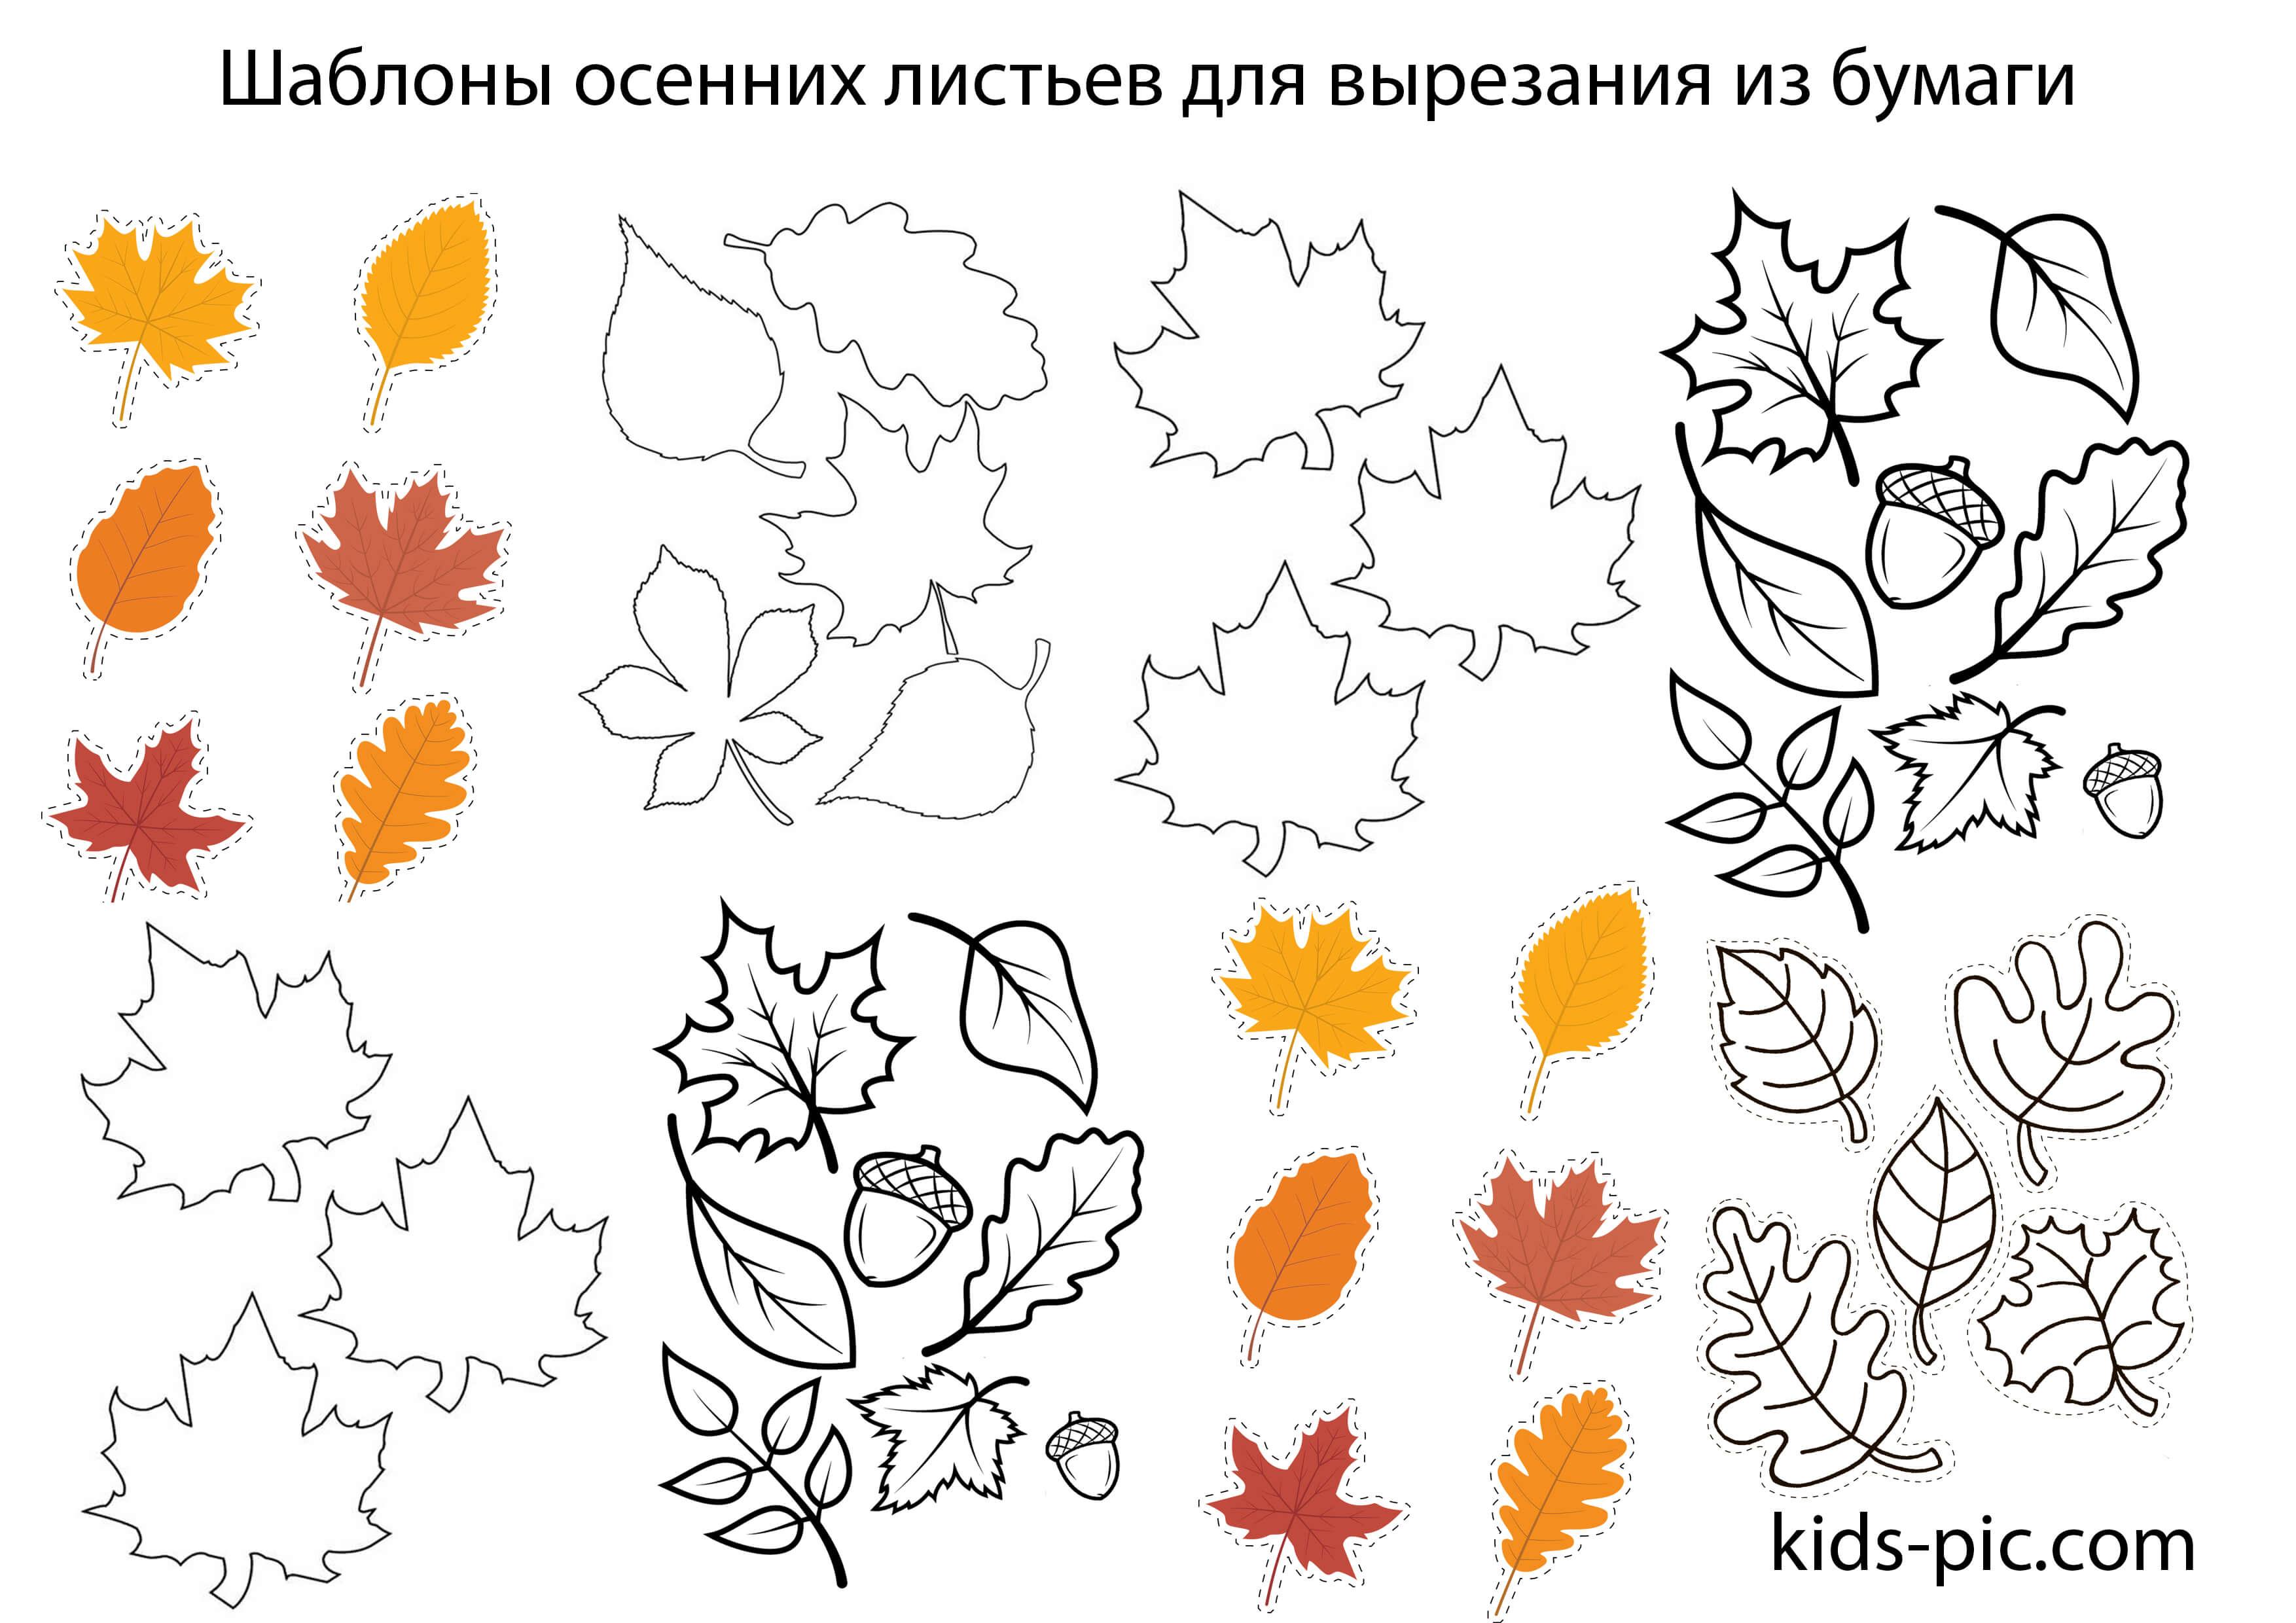 маленькие картинки про осень красивые для распечатки на листочках